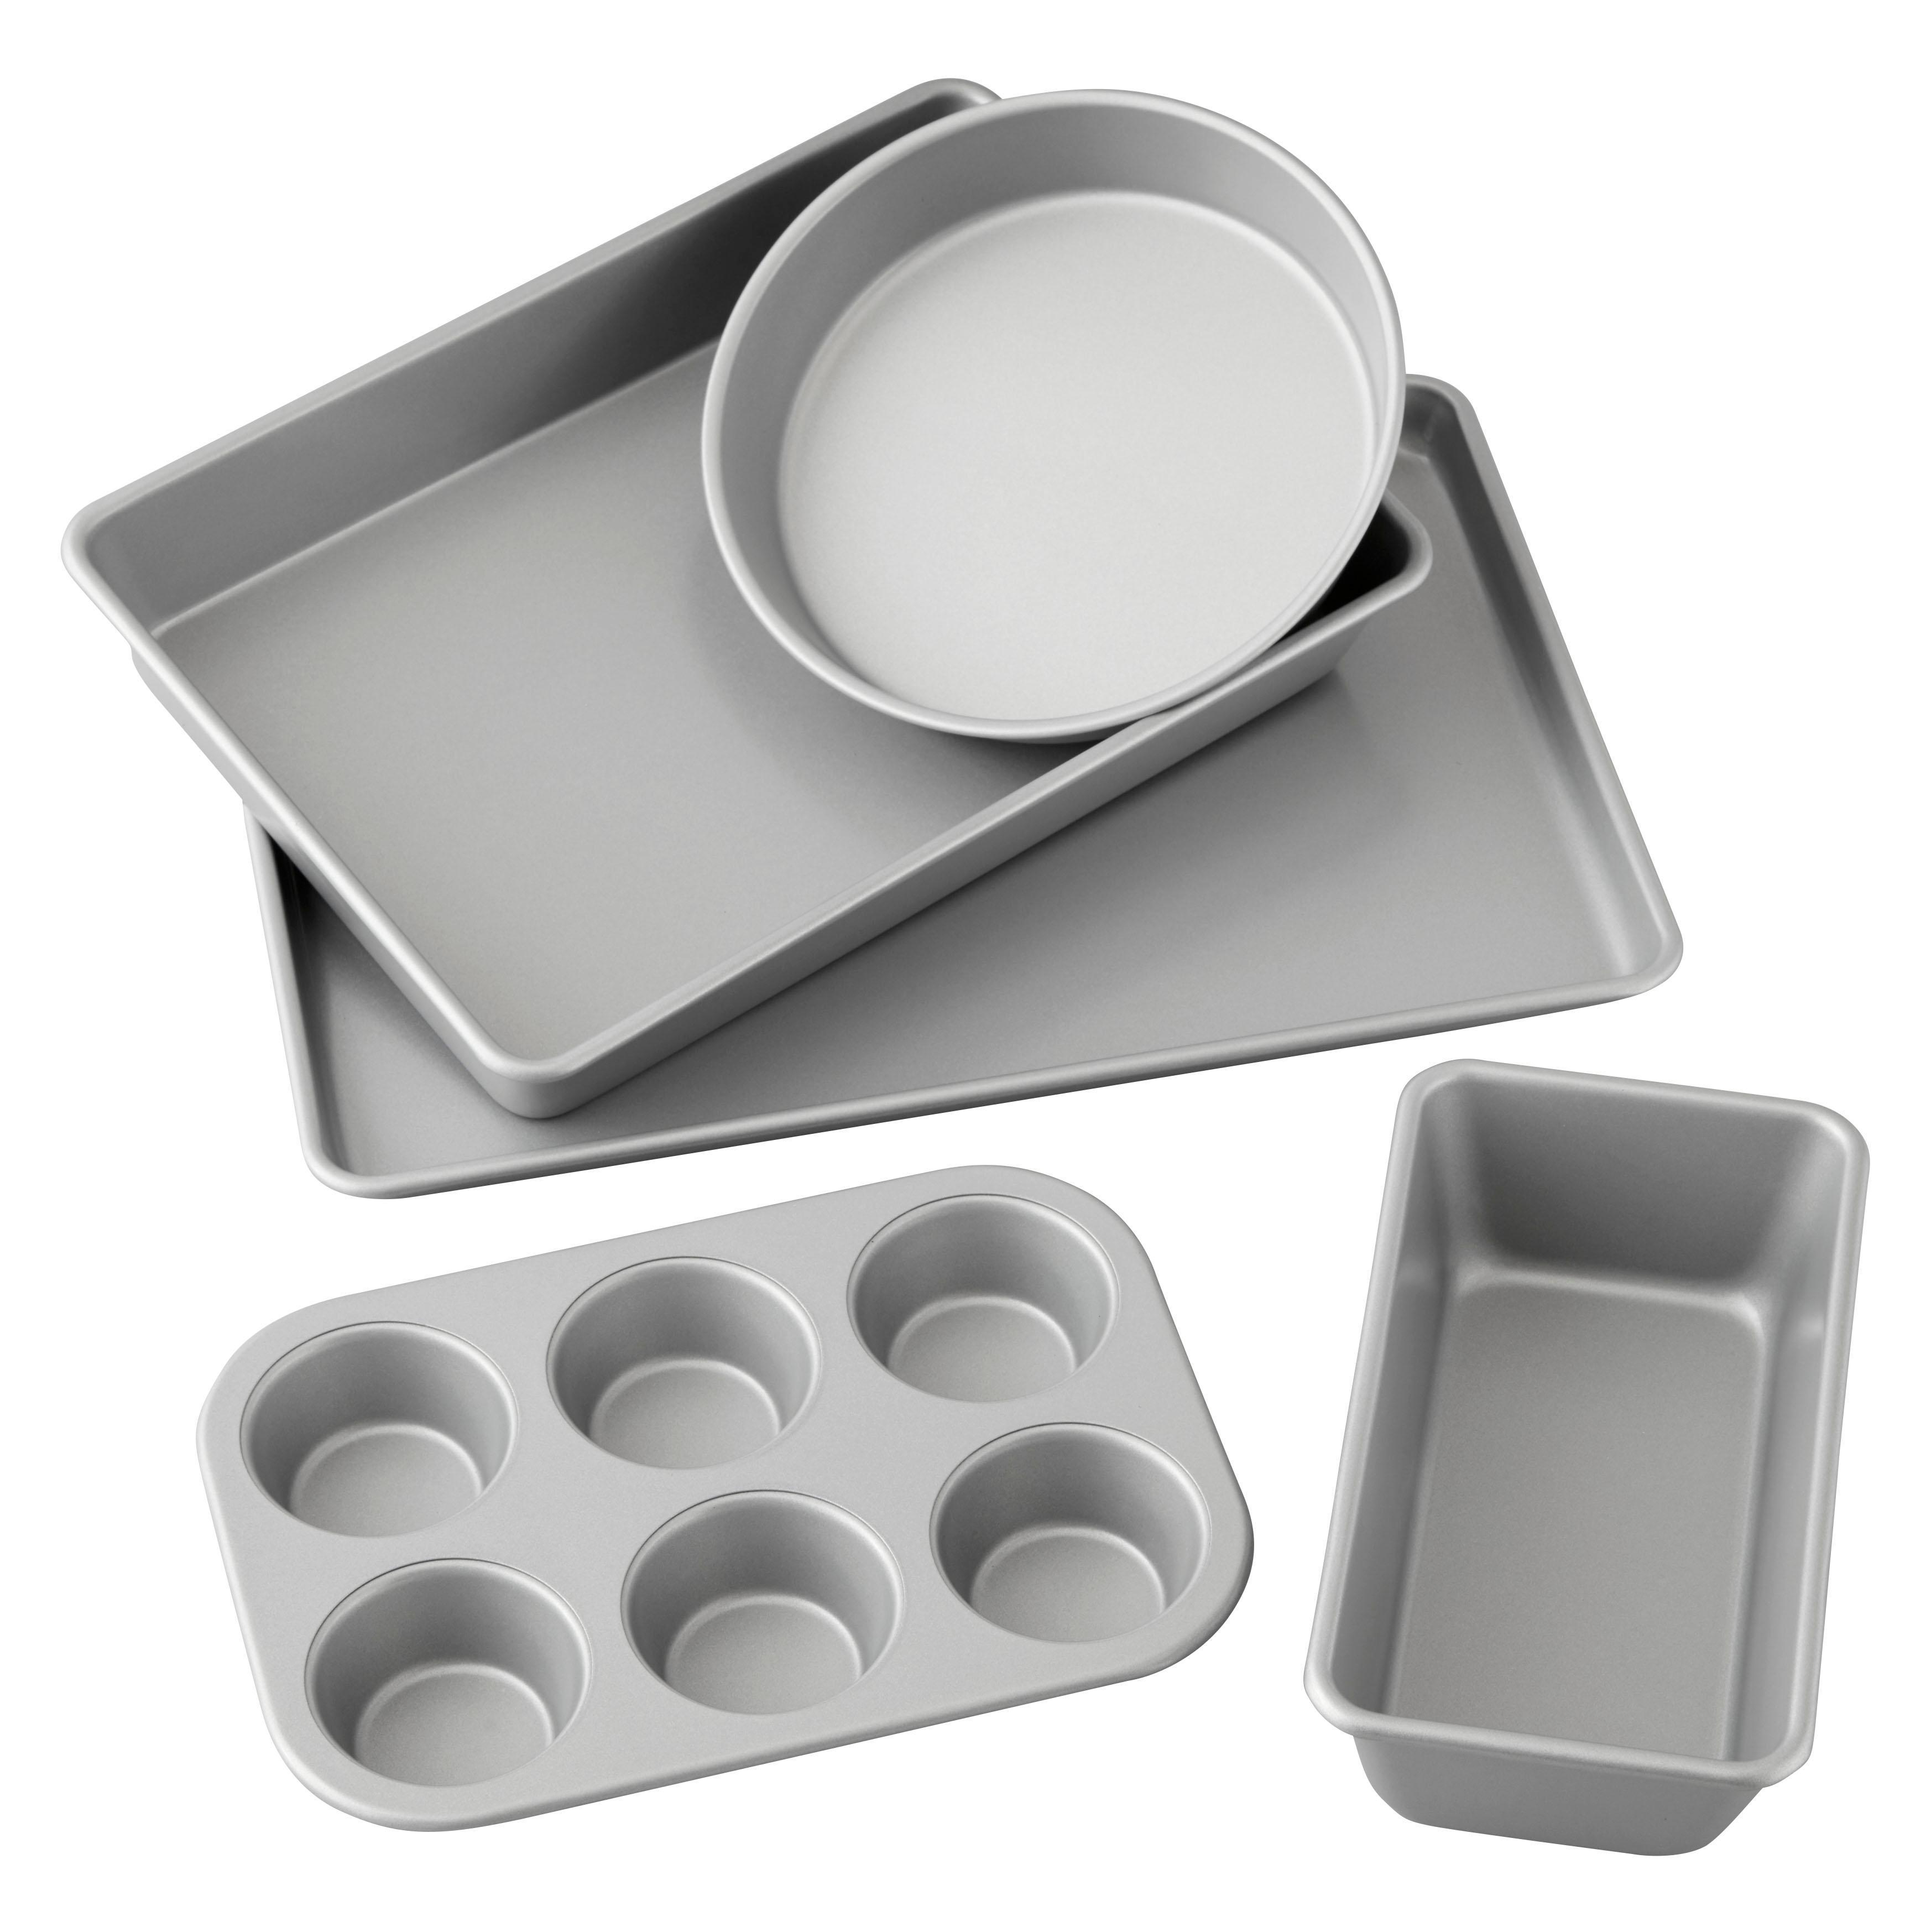 Amazon Com Wilton 5 Piece Best Value Non Stick Bakeware